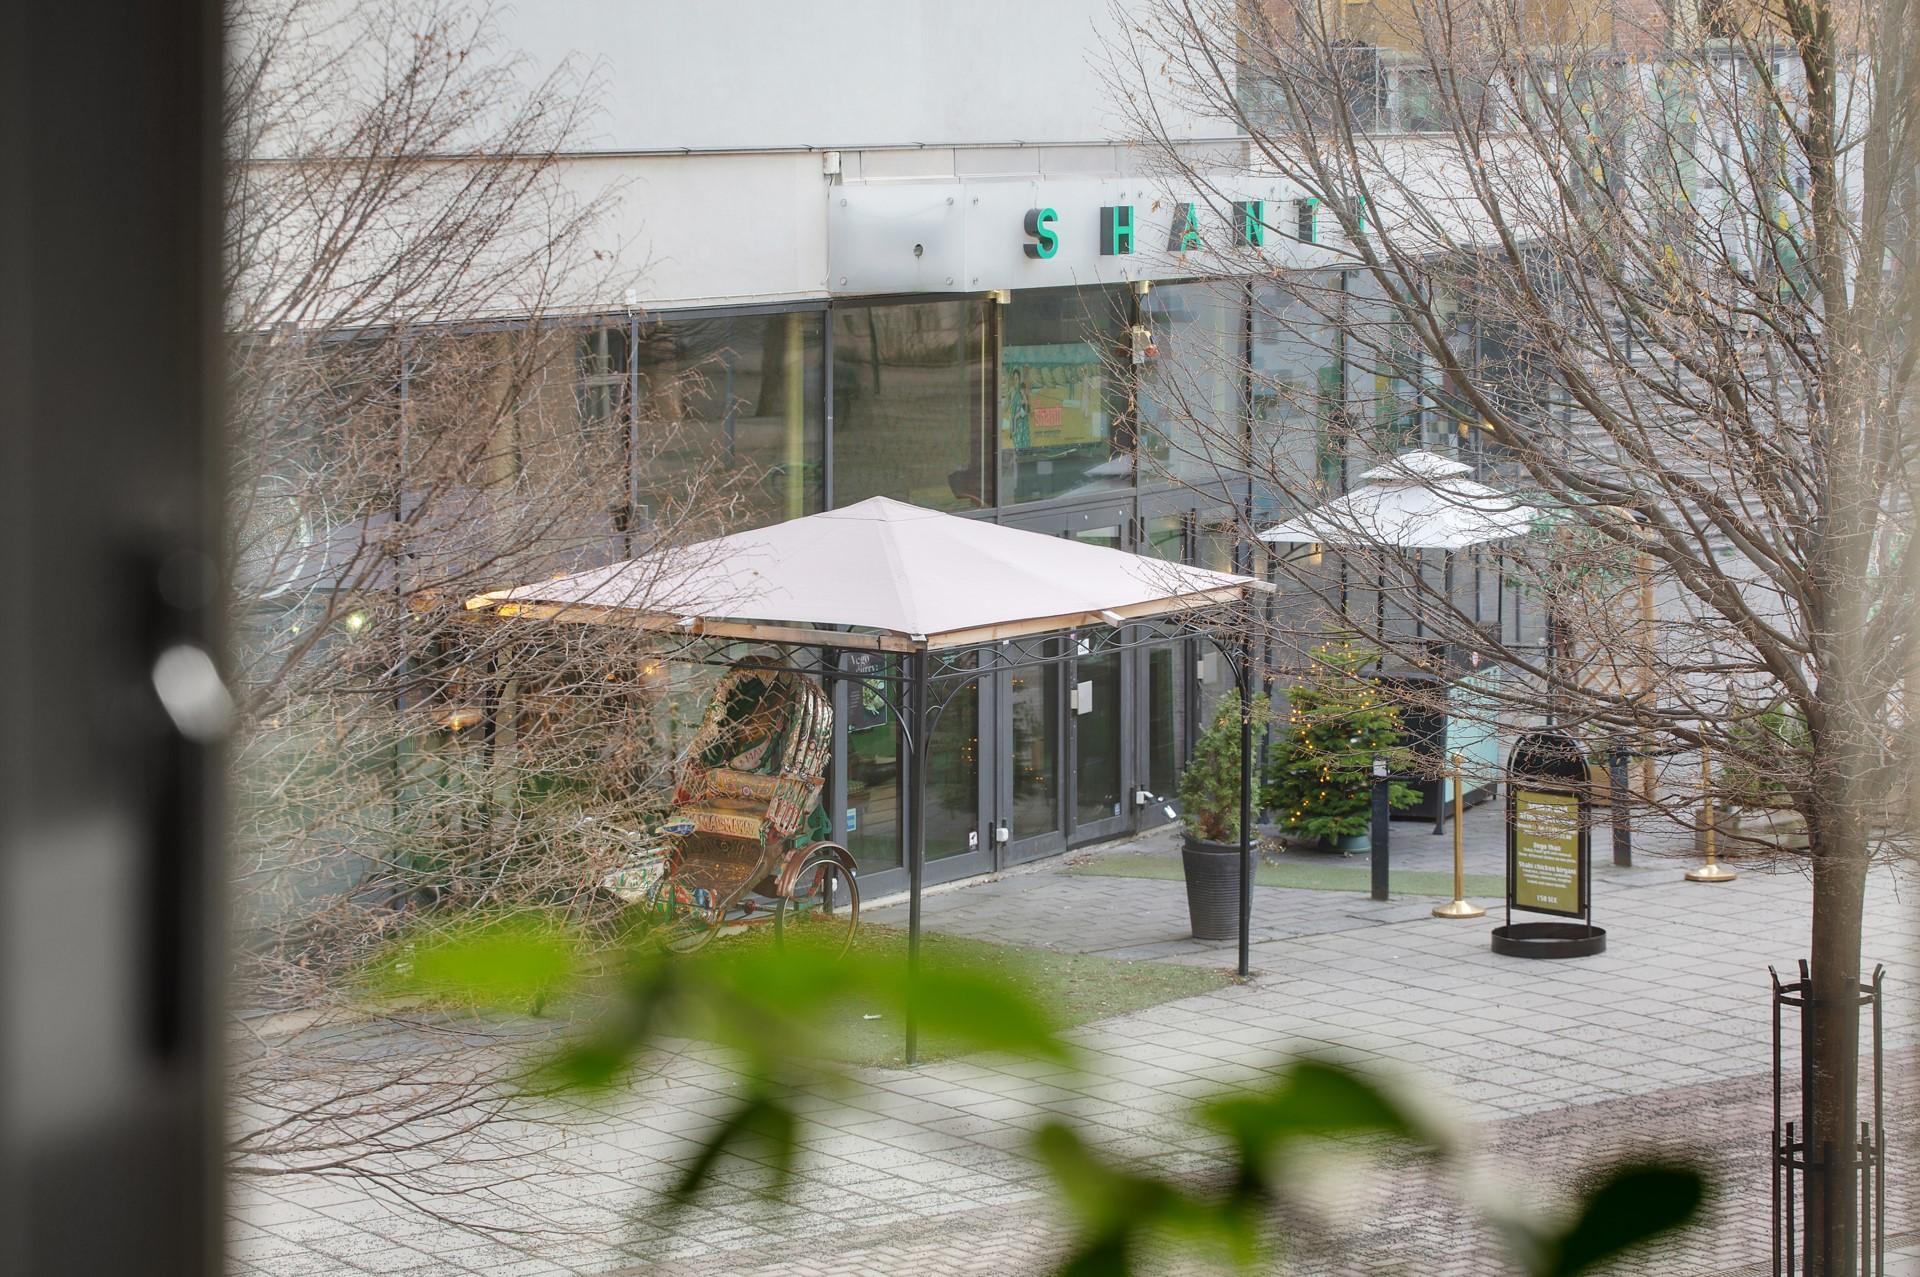 Fatburs Brunnsgata 31 - Utsikt från vardagsrum - Bo med närhet till bra restauranger